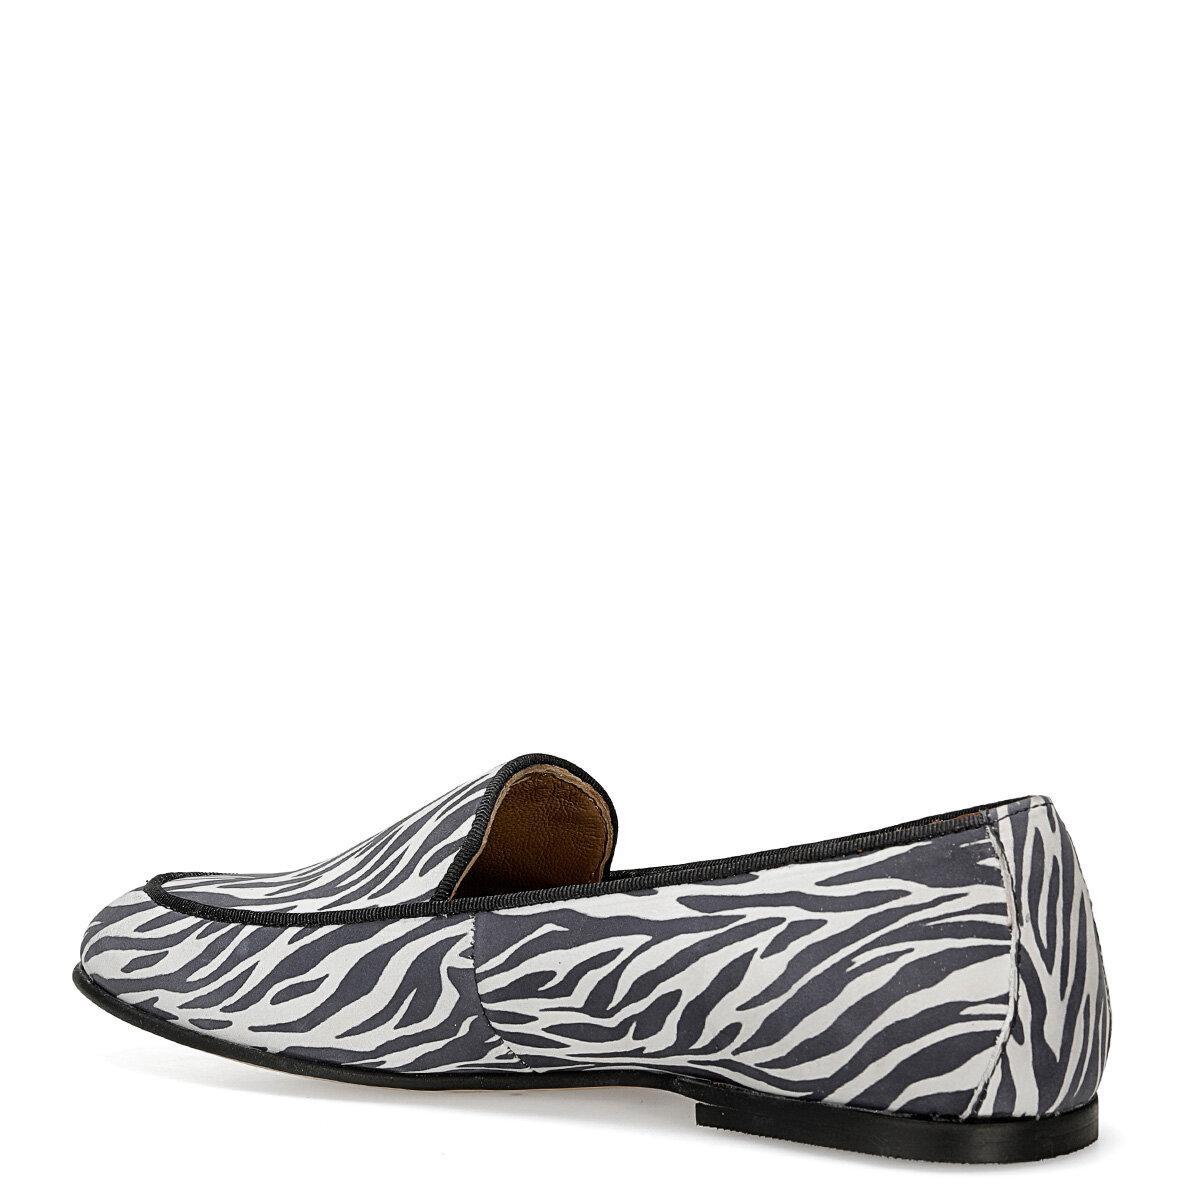 GARME ZEBRA Kadın Loafer Ayakkabı